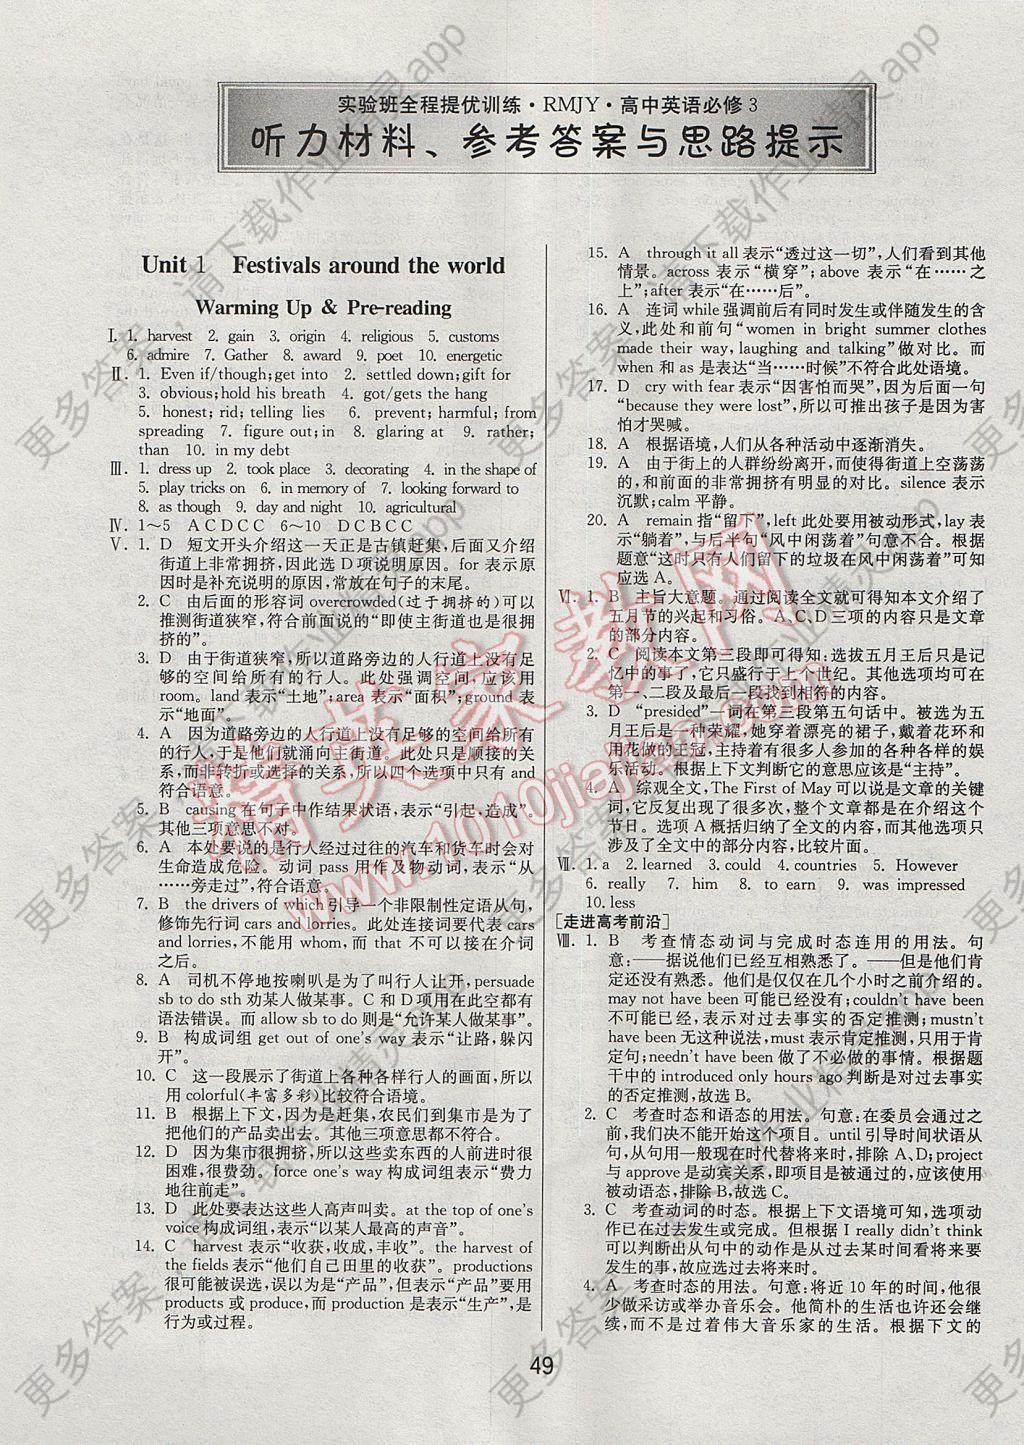 实验班全程提优训练高中yahu777亚虎国际亚虎777娱乐平台3人教版 参考答案第1页